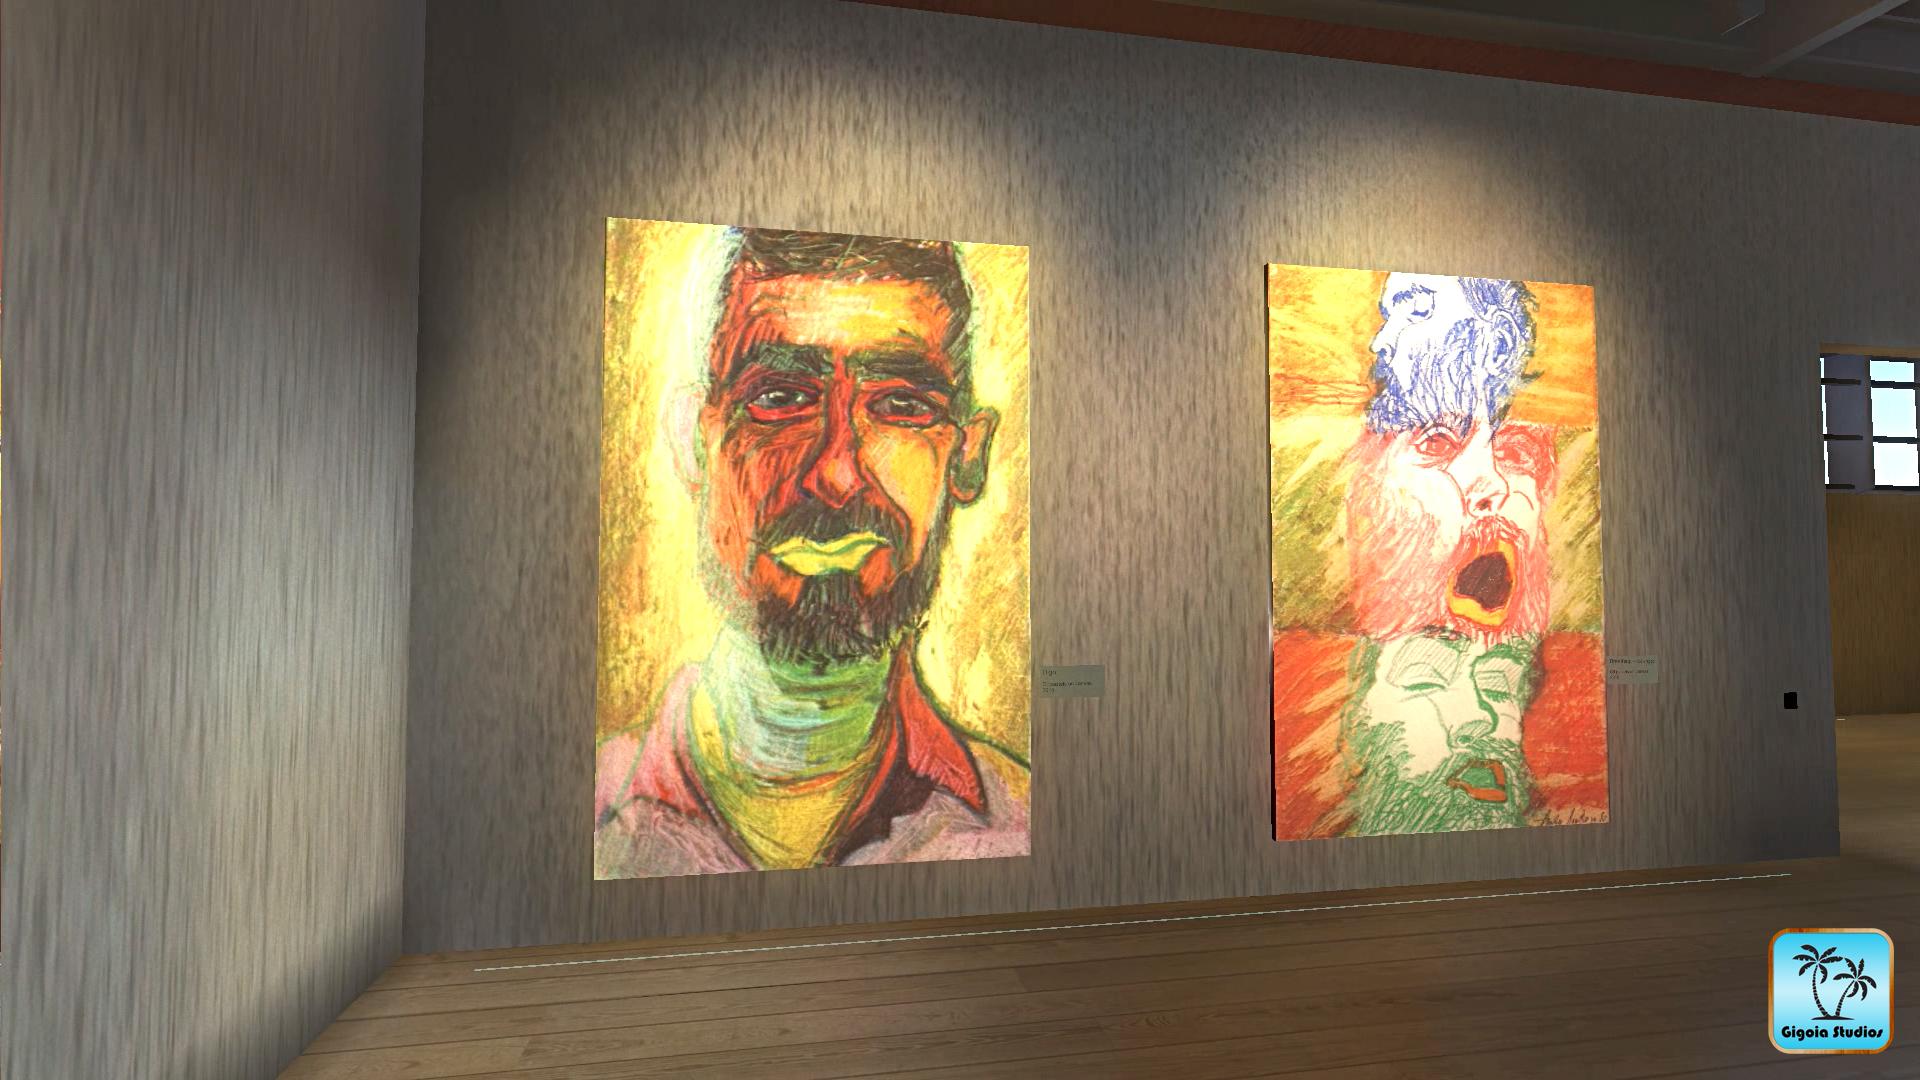 FACES Virtual Art Gallery by Gigoia Studios